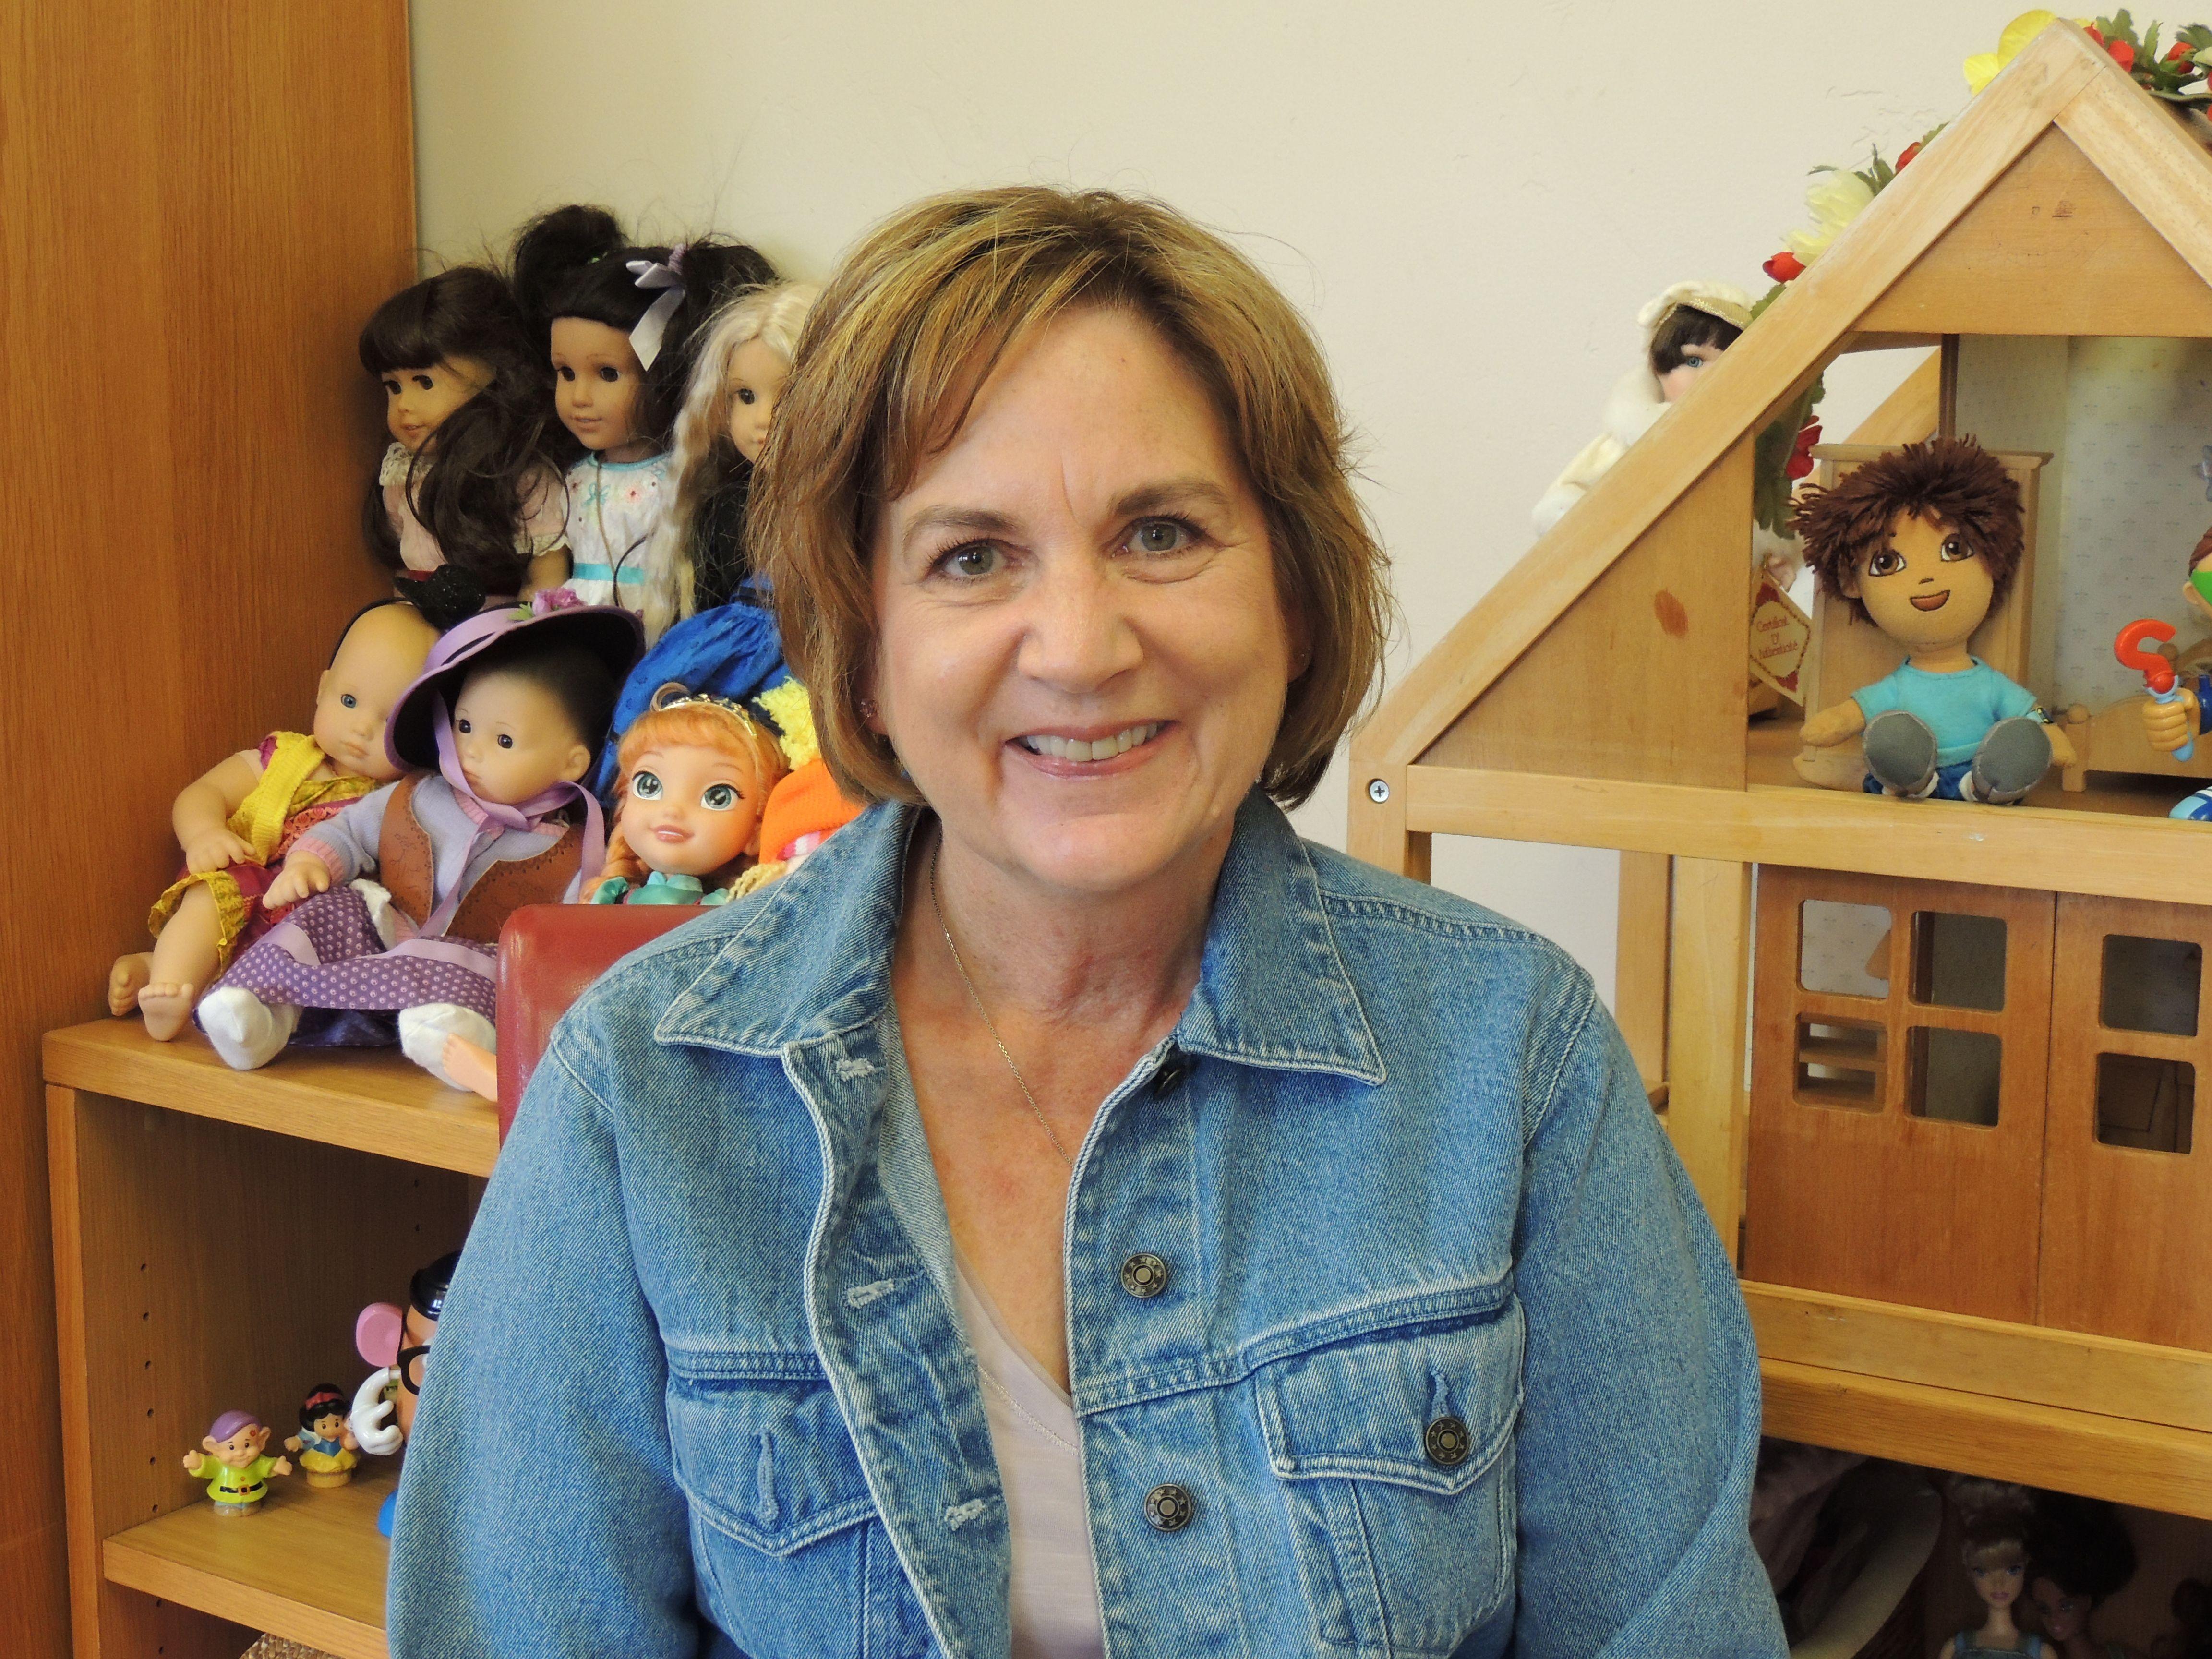 Karen Skillicorn